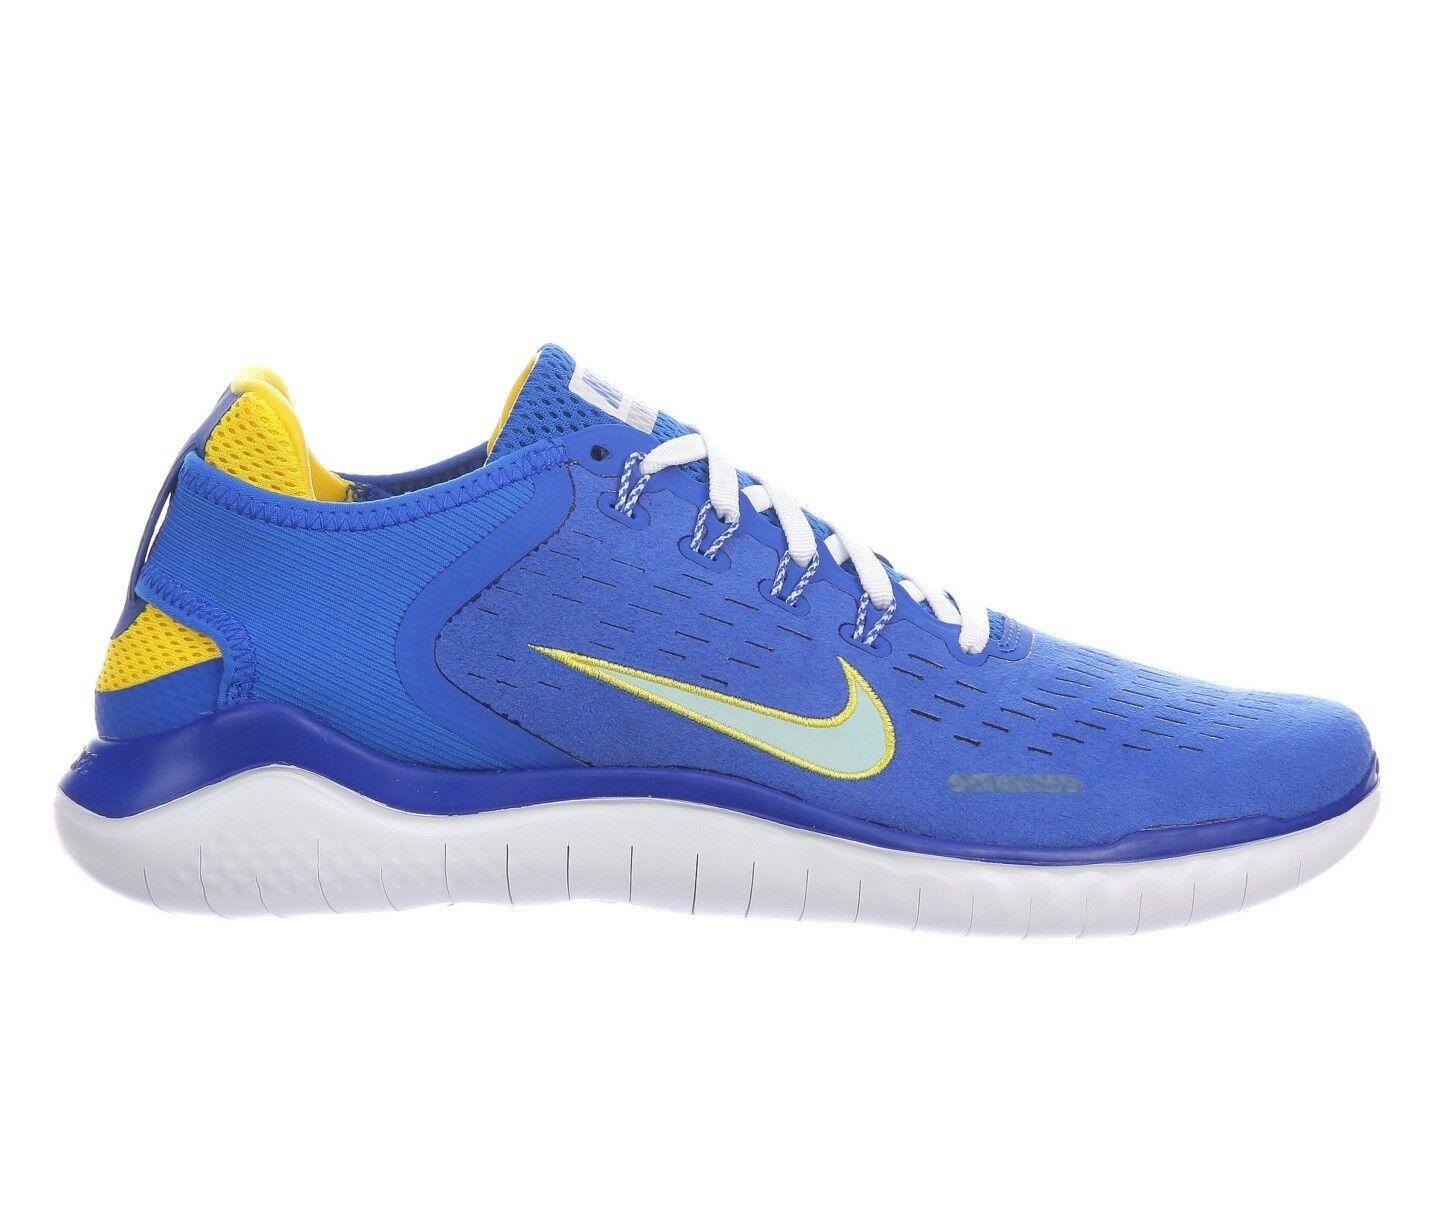 a4f9e82ea35e Nike Free RN 2018 DNA Mens Mens Mens AH7870-400 Blue Cobalt Citron Running  Shoes